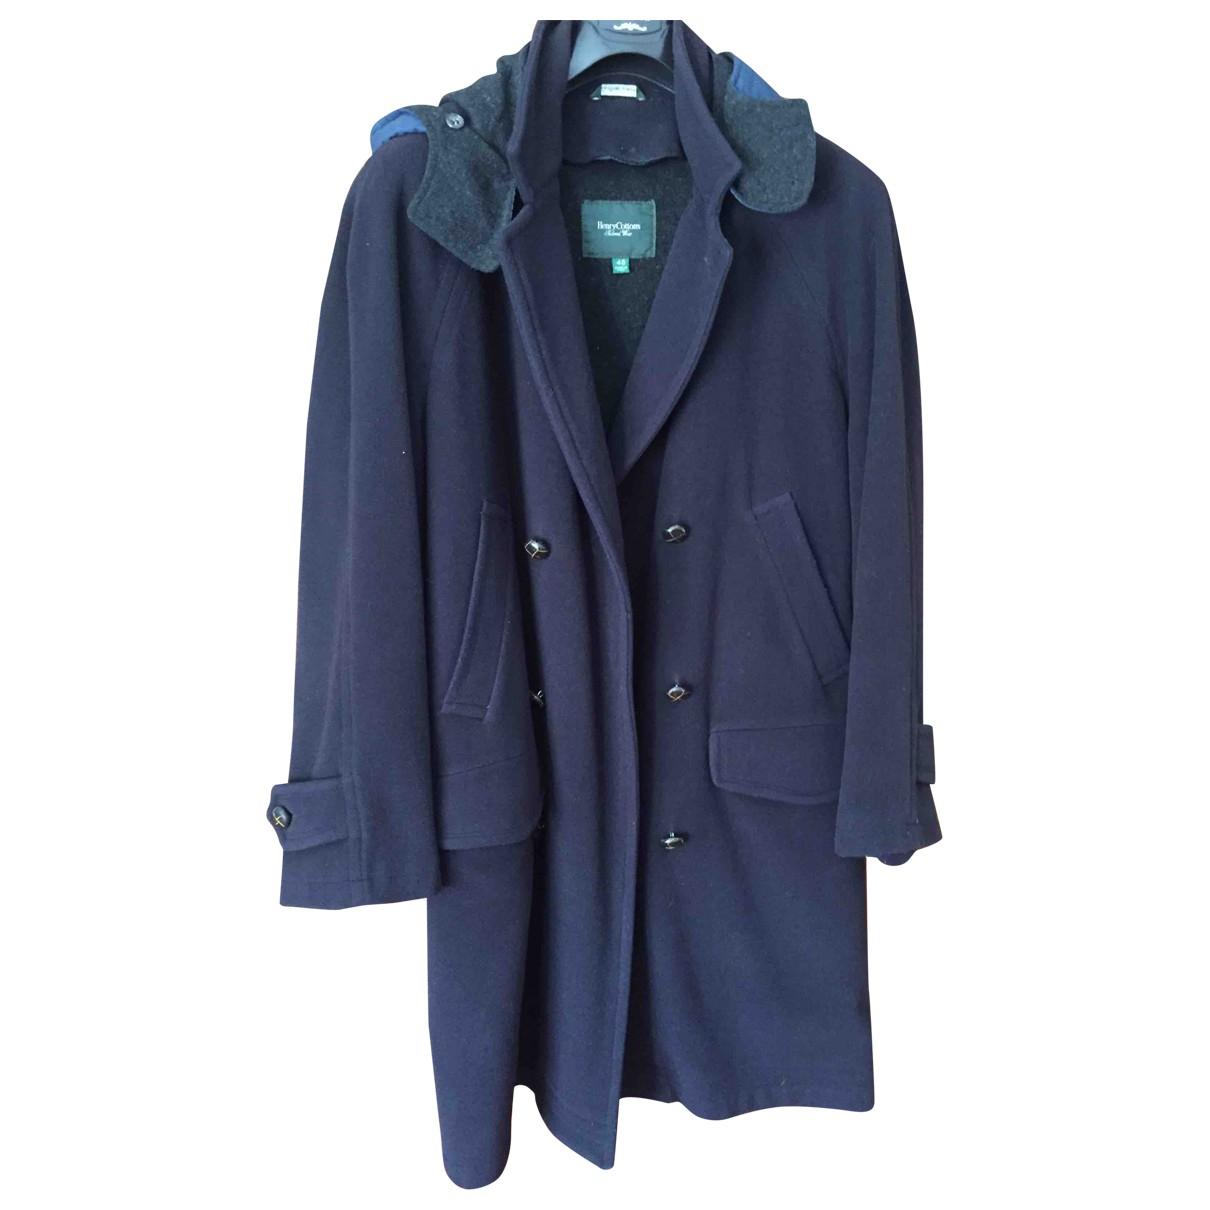 Henry Cotton - Manteau   pour homme en laine - bleu